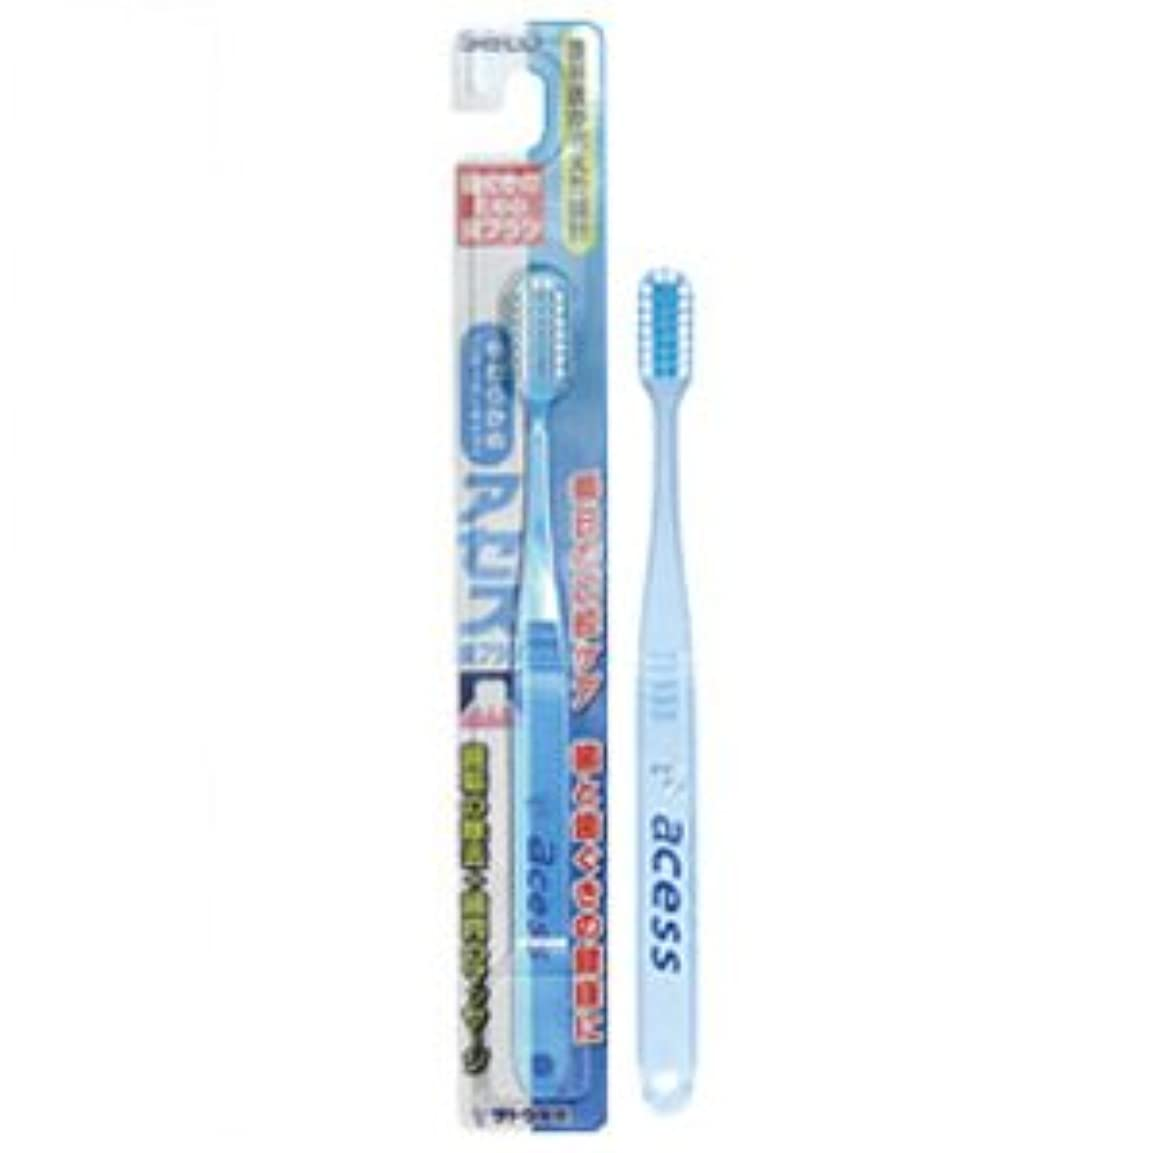 戸棚クレジットストレージアセス歯ブラシ やわらかめ(レギュラータイプ) ブルー 12本